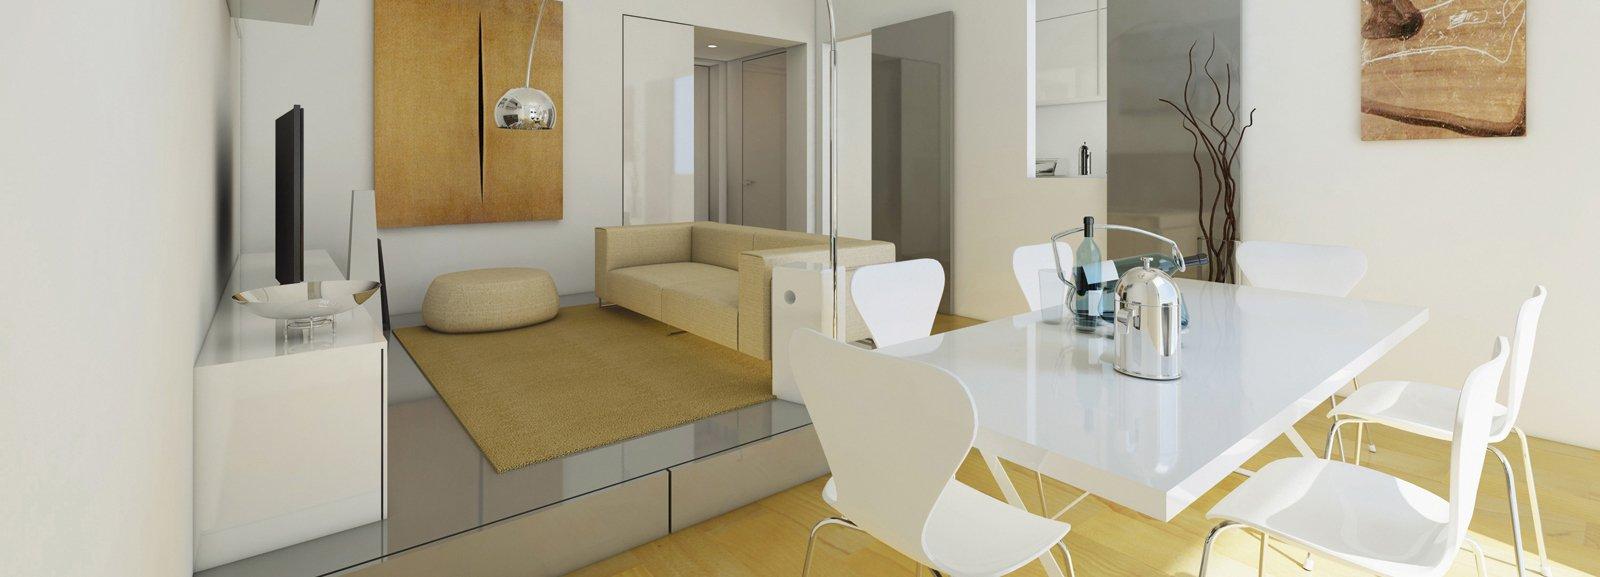 Tante idee per migliorare casa: focus sulla zona giorno - Cose di Casa